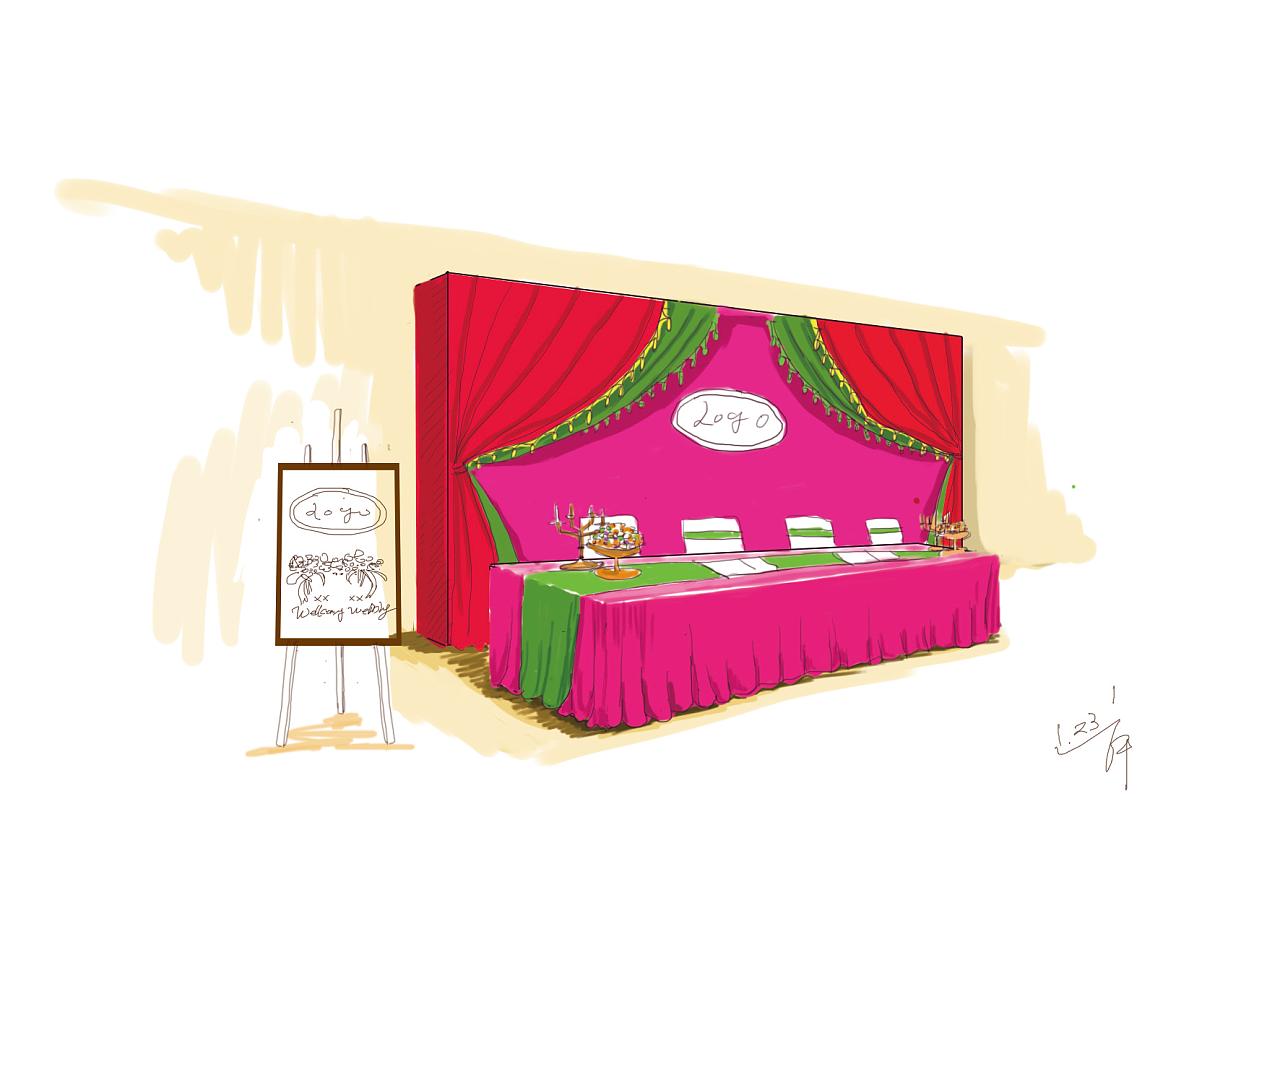 婚礼场景布置设计手绘效果图